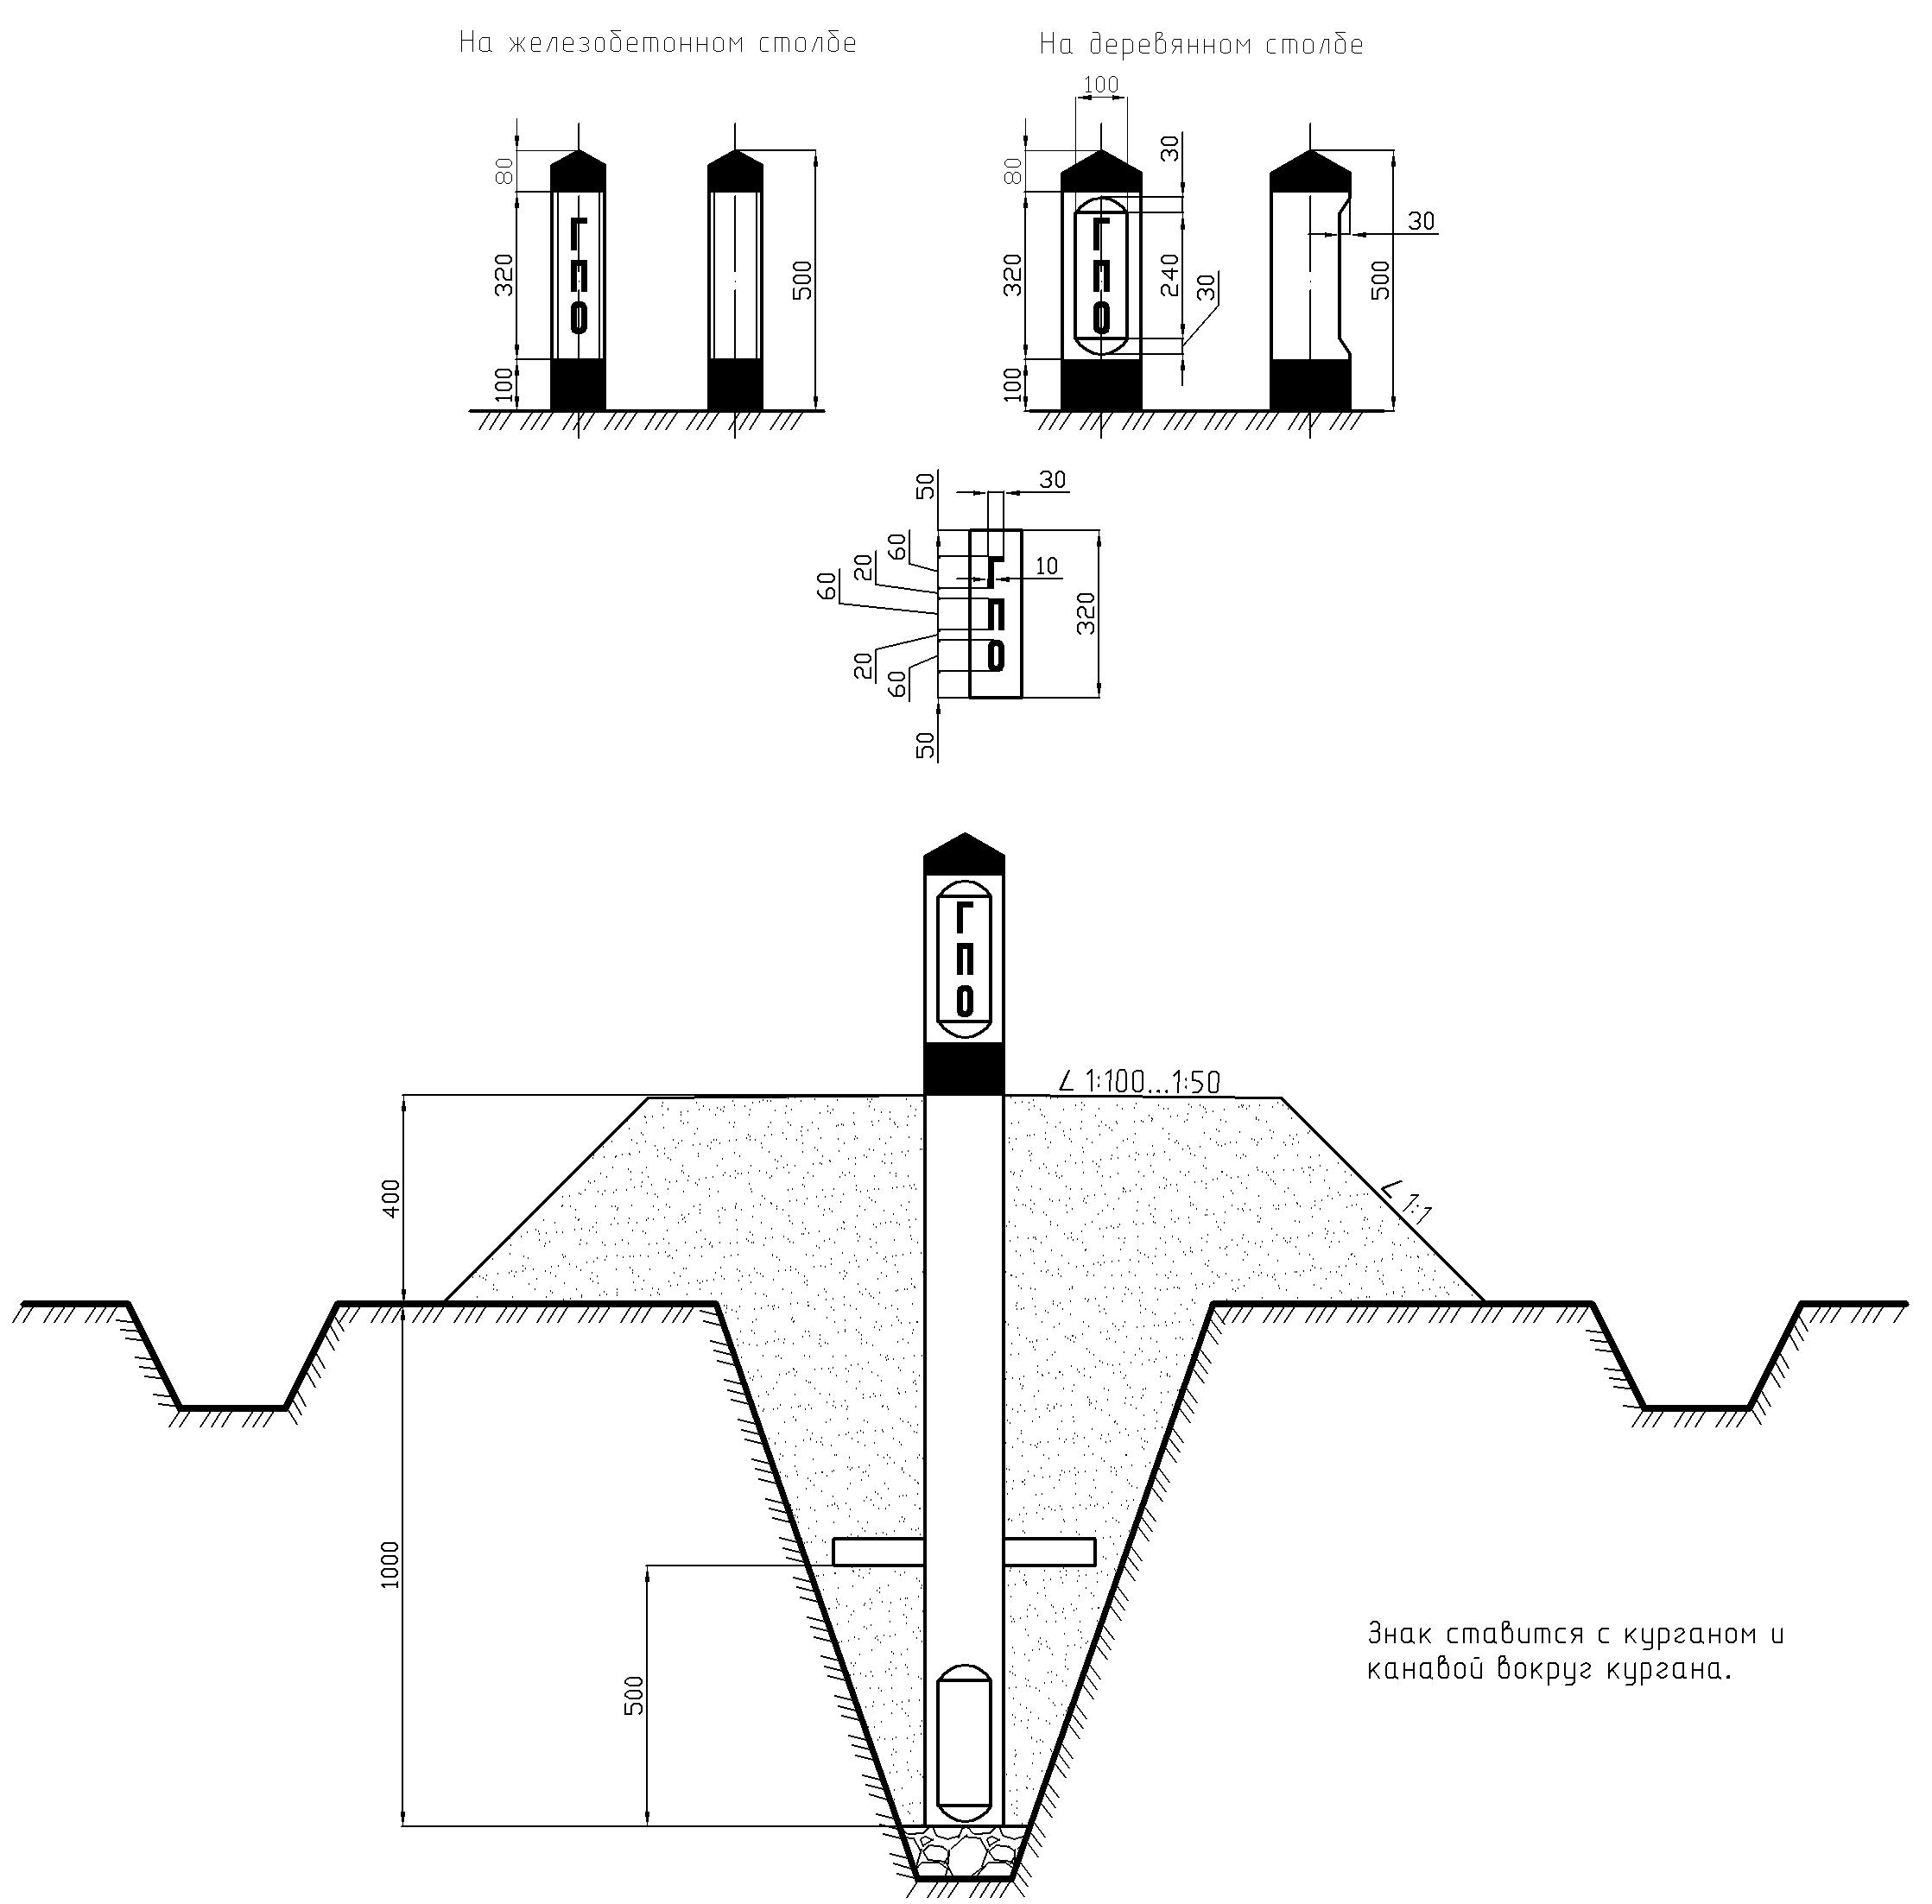 Рисунок 46. Путевой особый знак границы железнодорожной полосы отвода